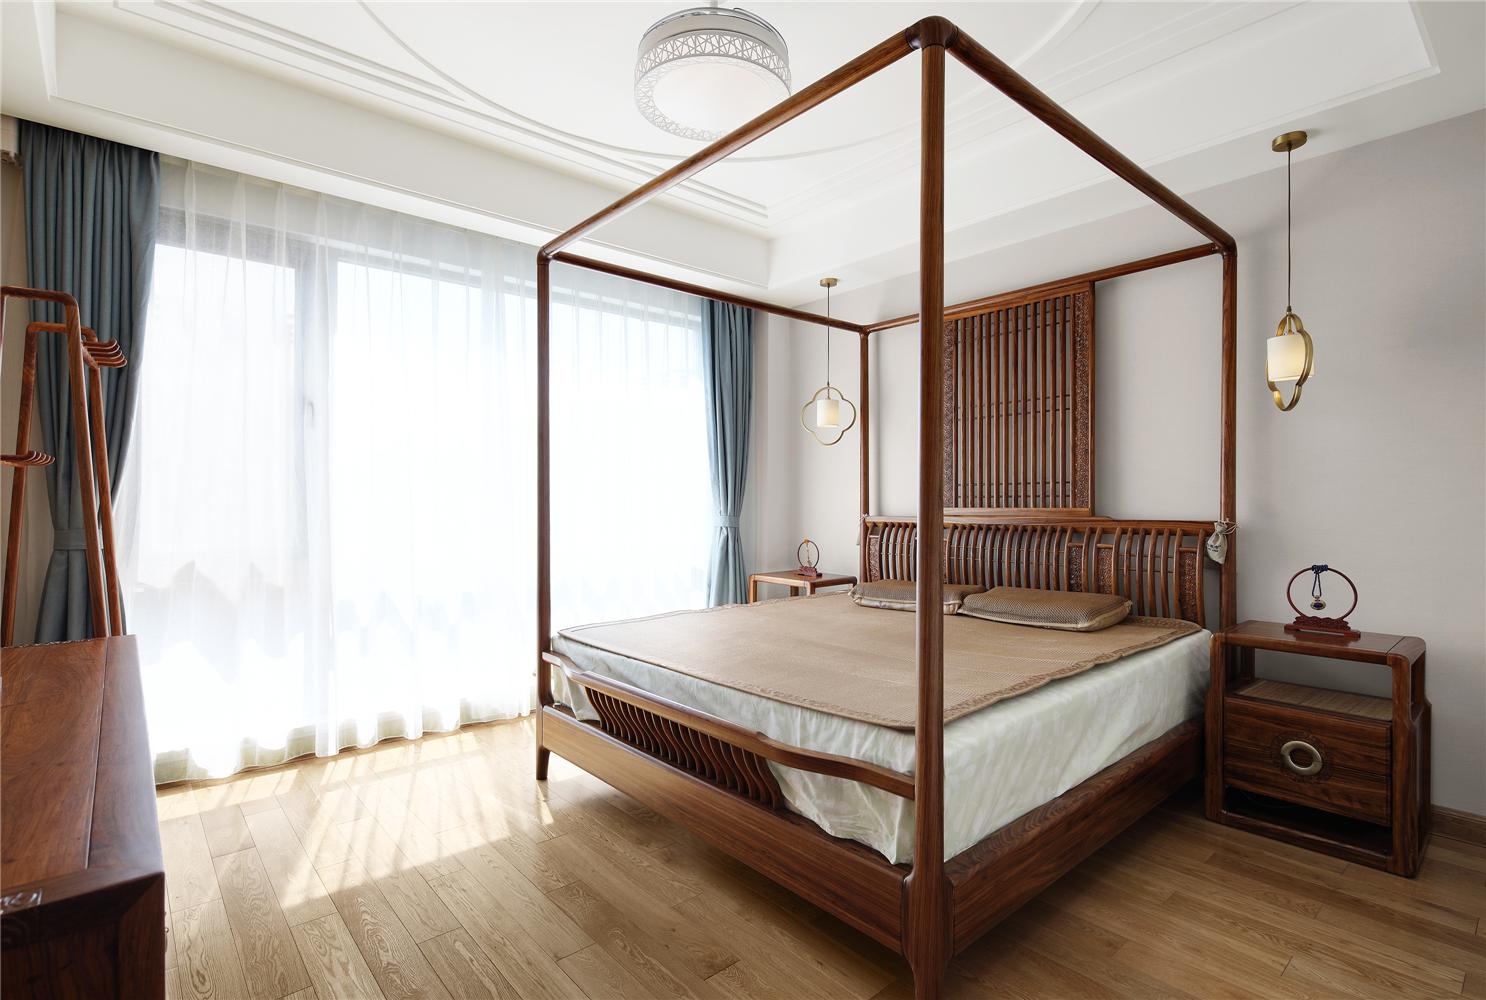 简约中式风别墅卧室装修效果图